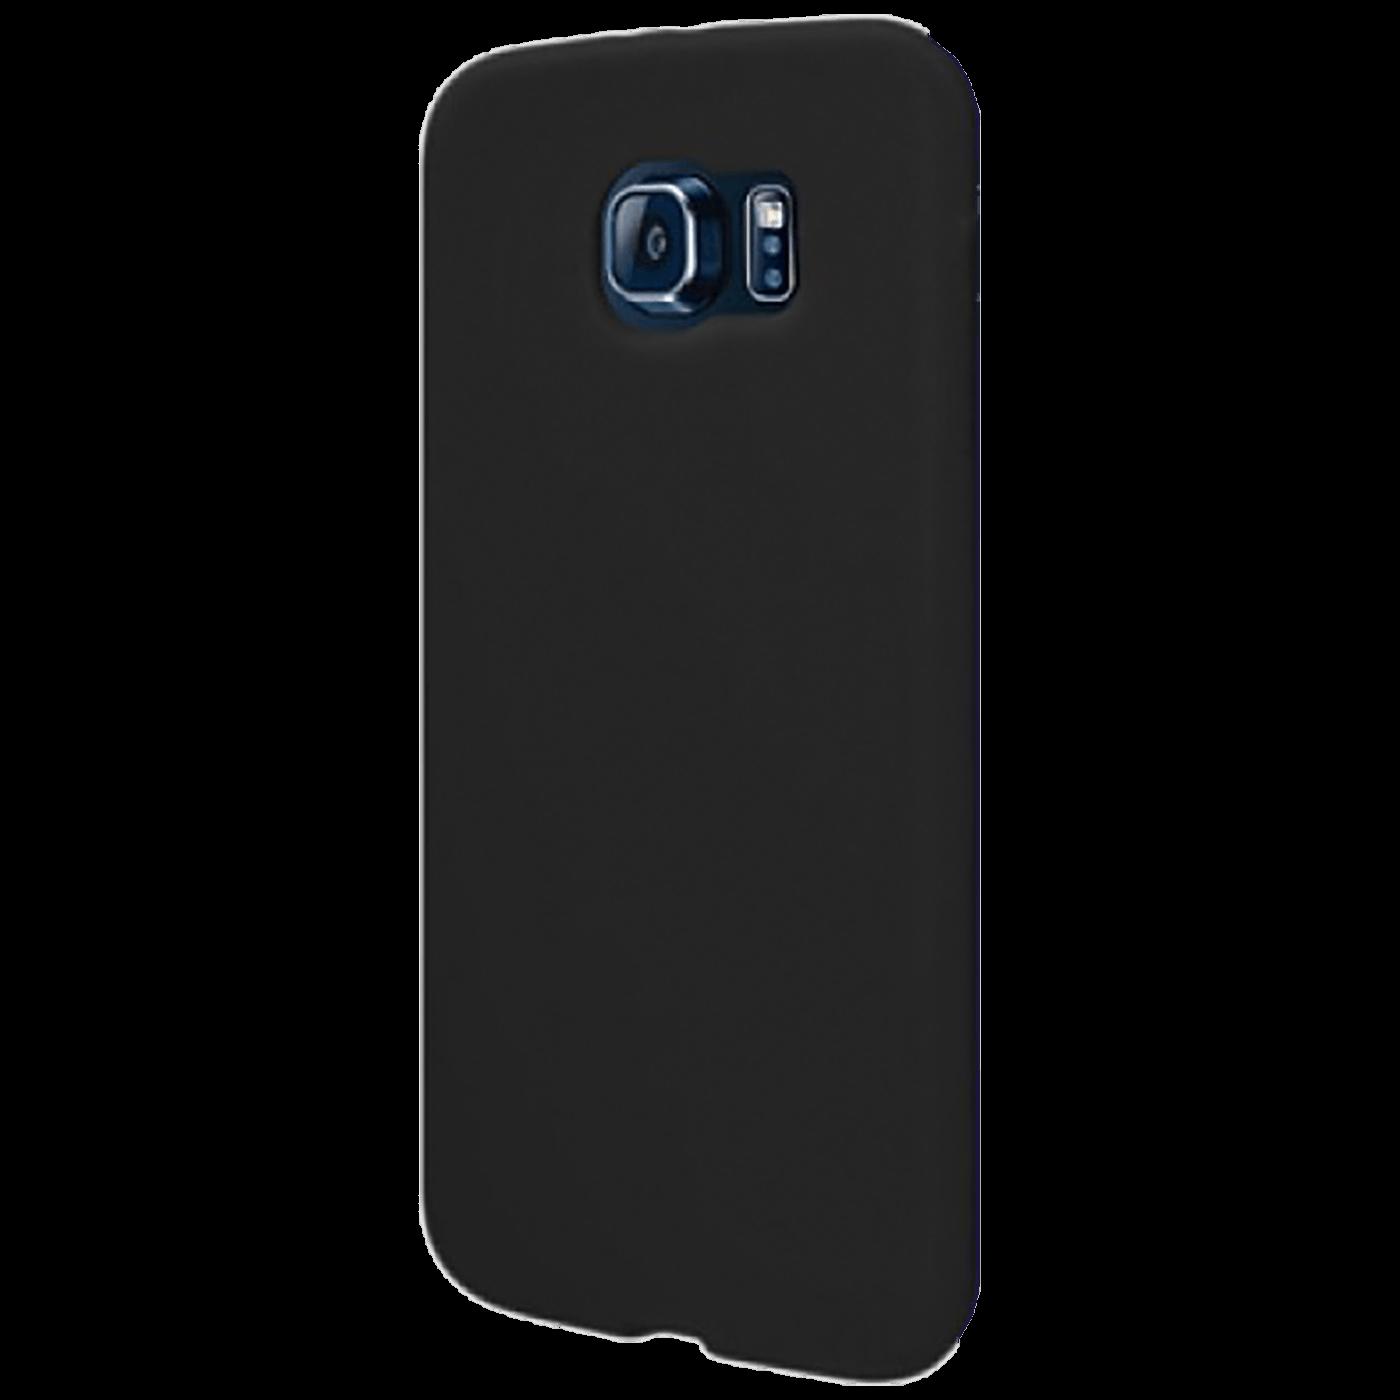 Futrola za mobitel Samsung J4, slikonska, crna